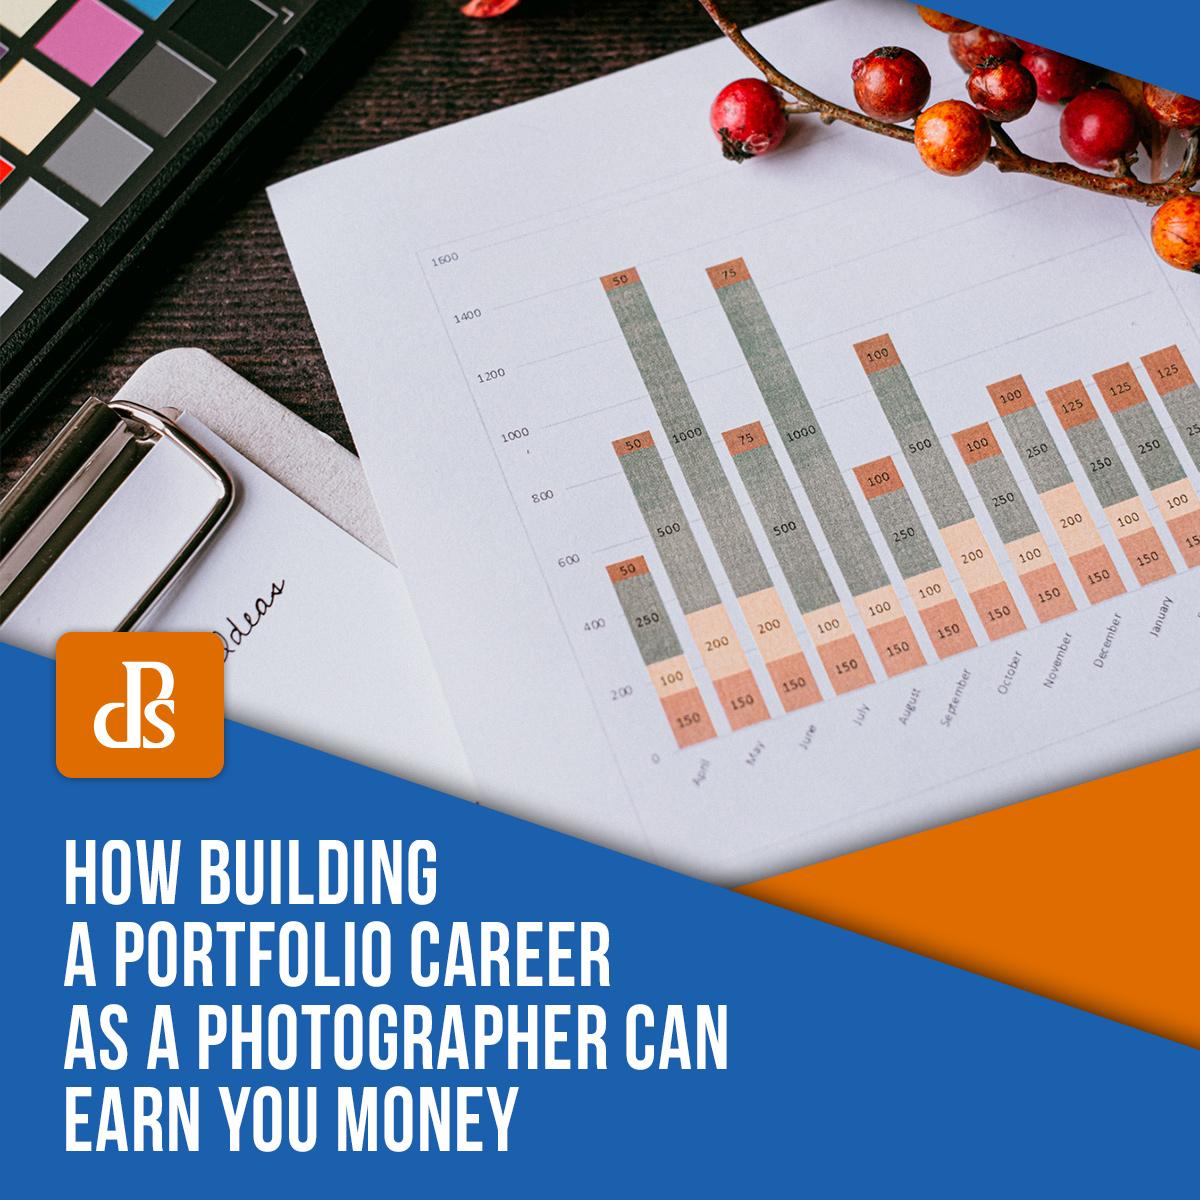 building-a-portfolio-career-as-a-photographer